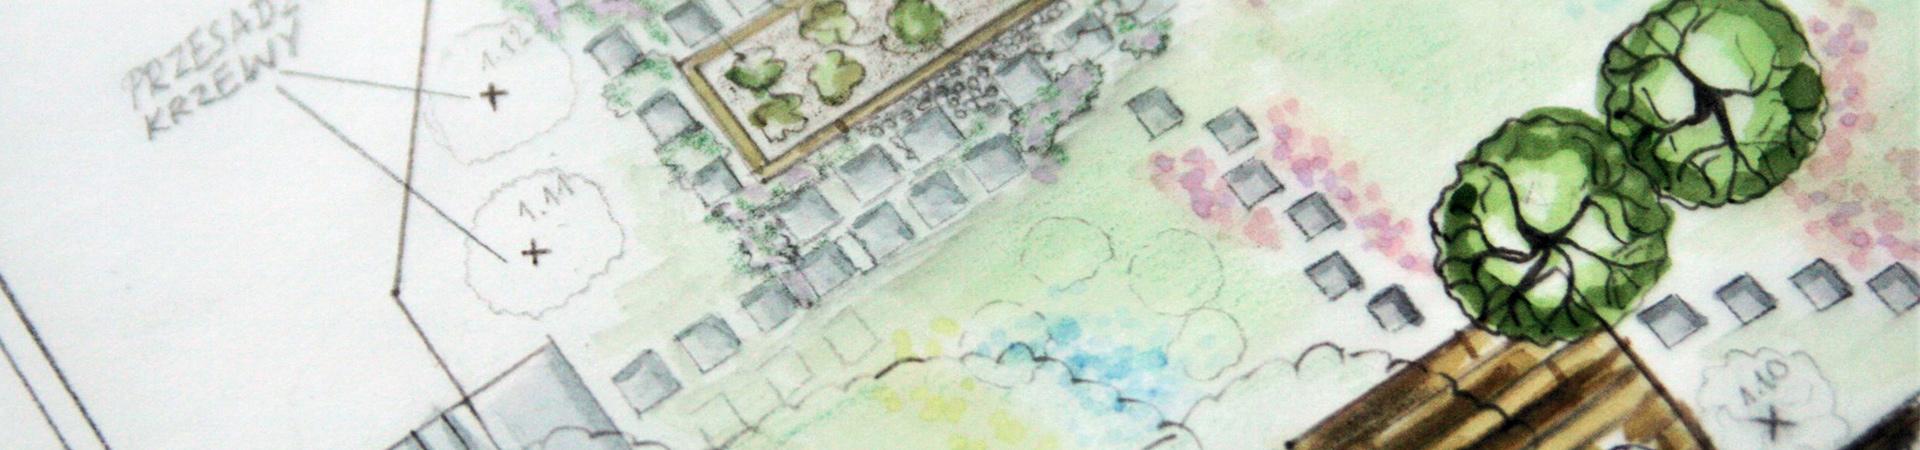 inwentaryzacja szkic projekt ogrodu metamorfozy ogrodu plan nasadzen